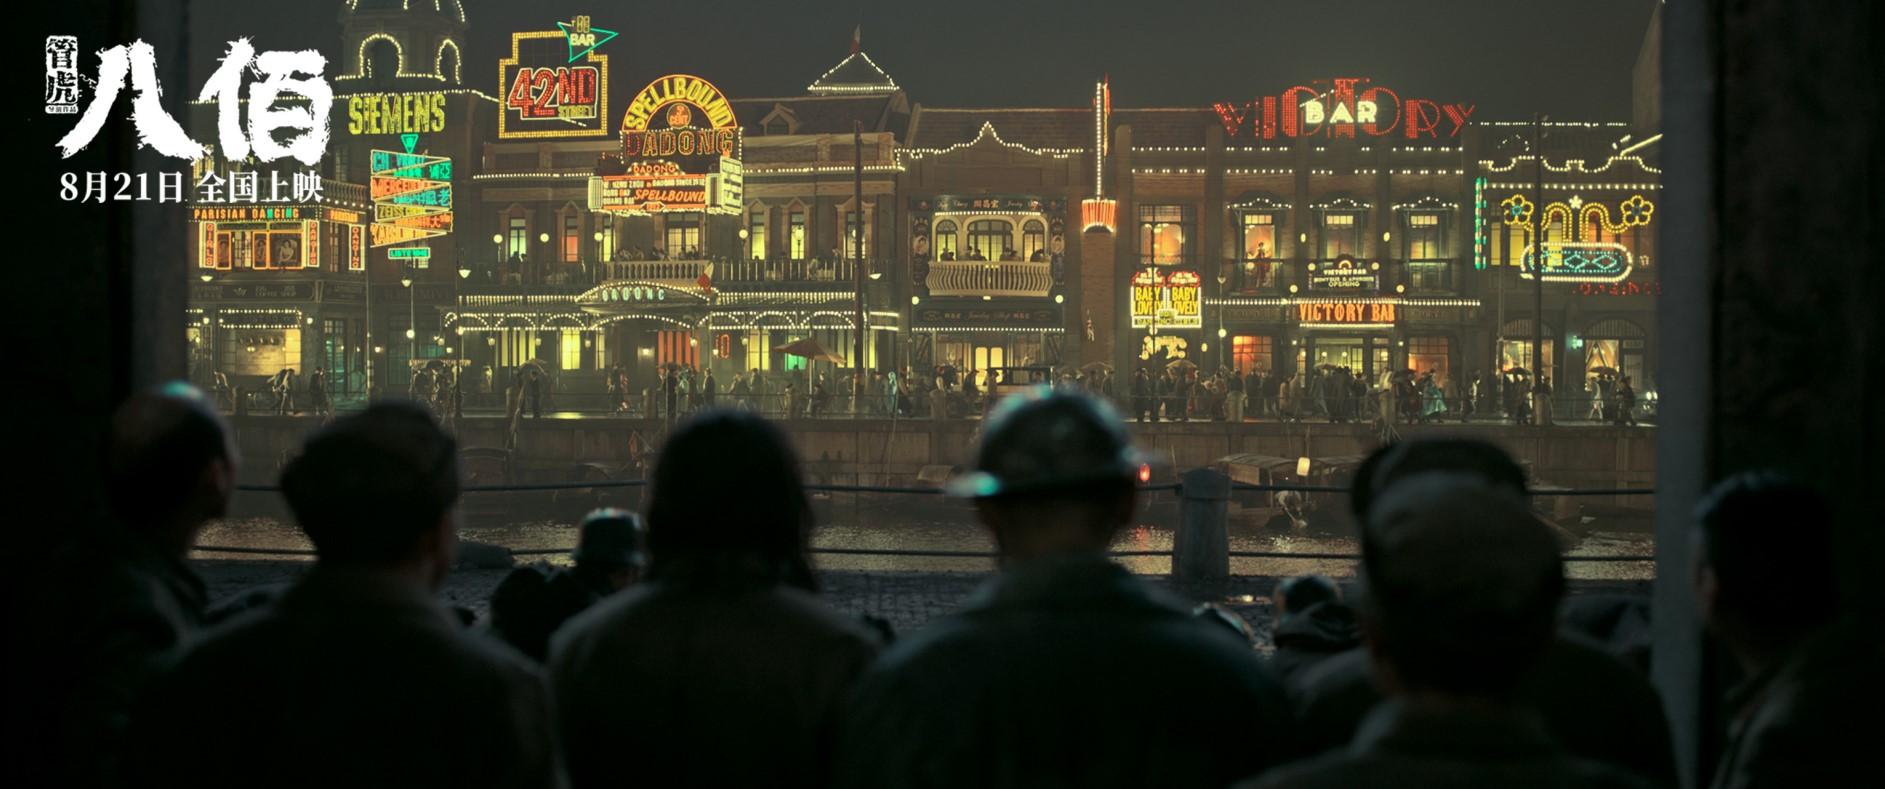 《八佰》上映背后:华谊想回收现金流 小影院交20万元才能点映